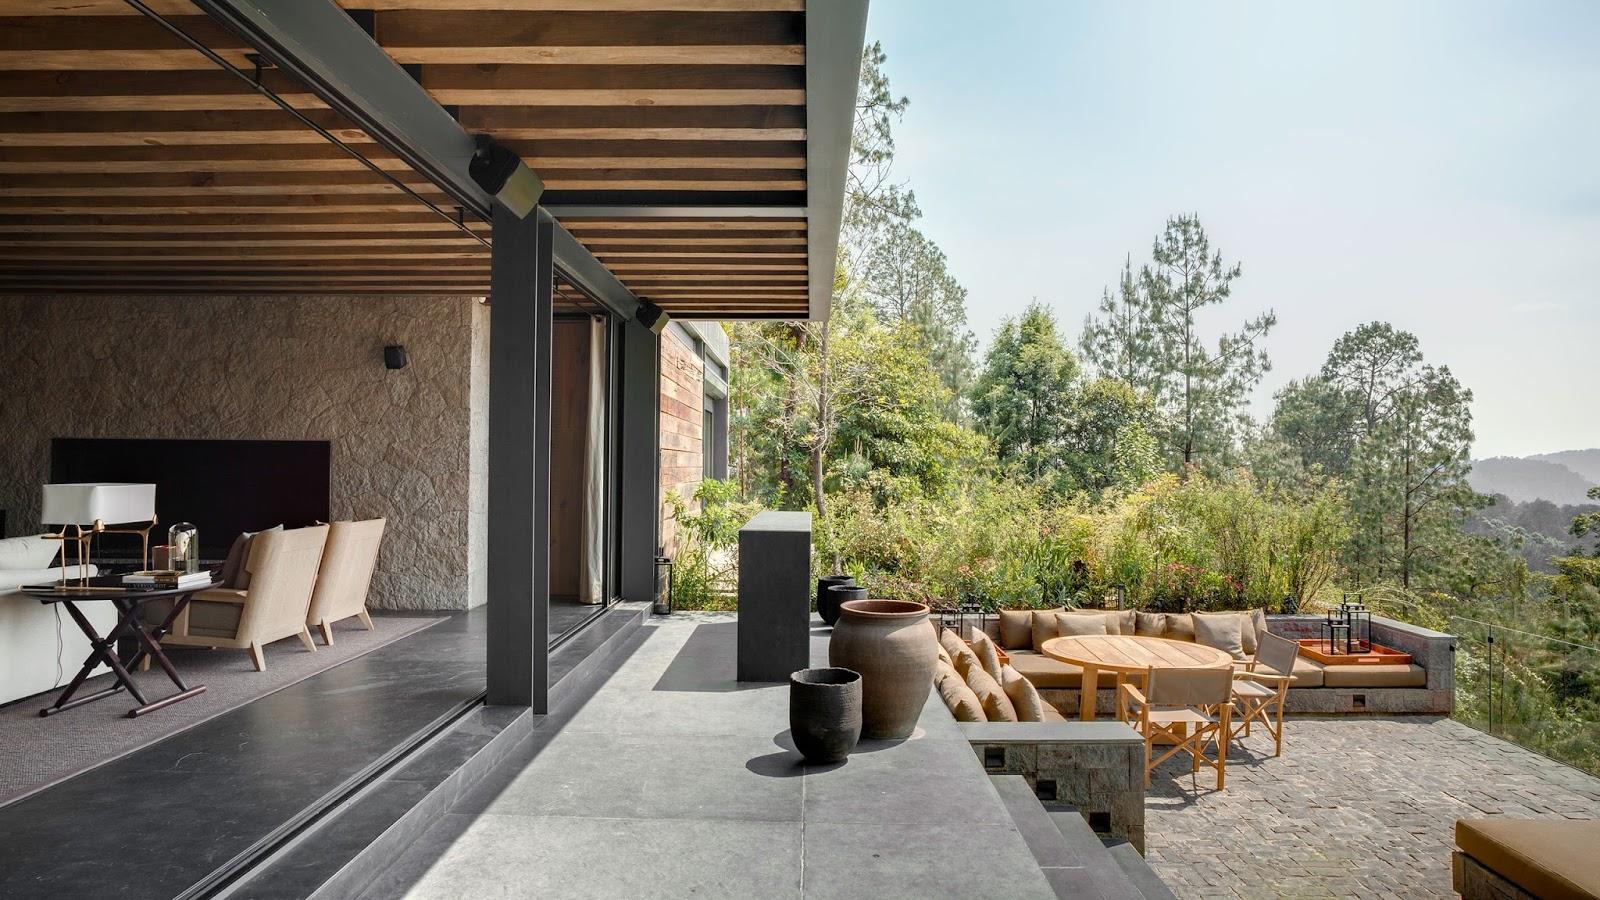 Loveisspeed casa el mirador in valle de bravo - Arquitectos de interiores ...